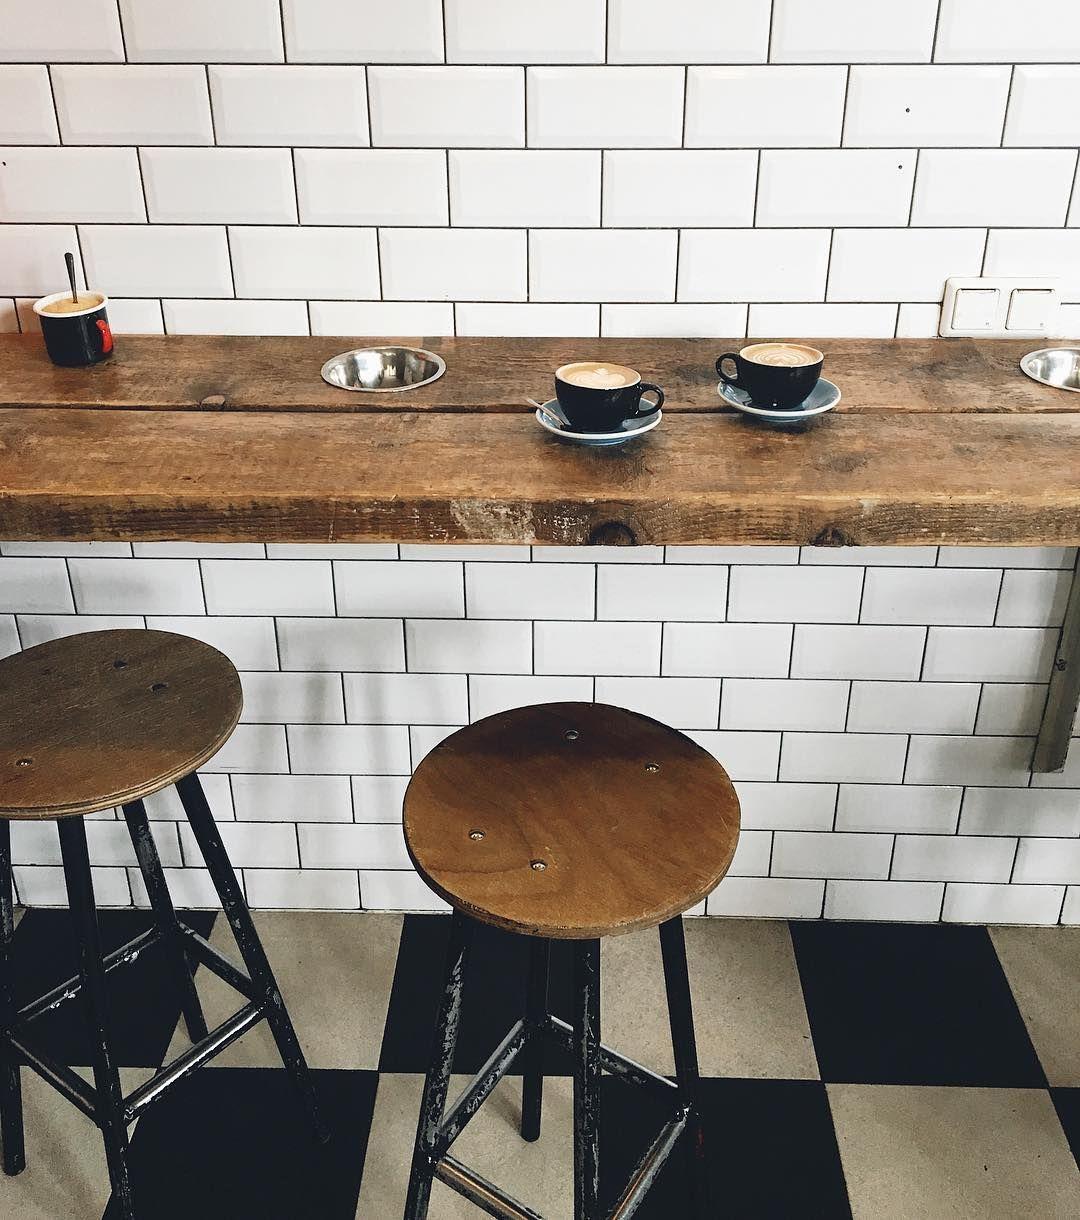 via byanjaroos on Instagram in 2019 Coffee shop